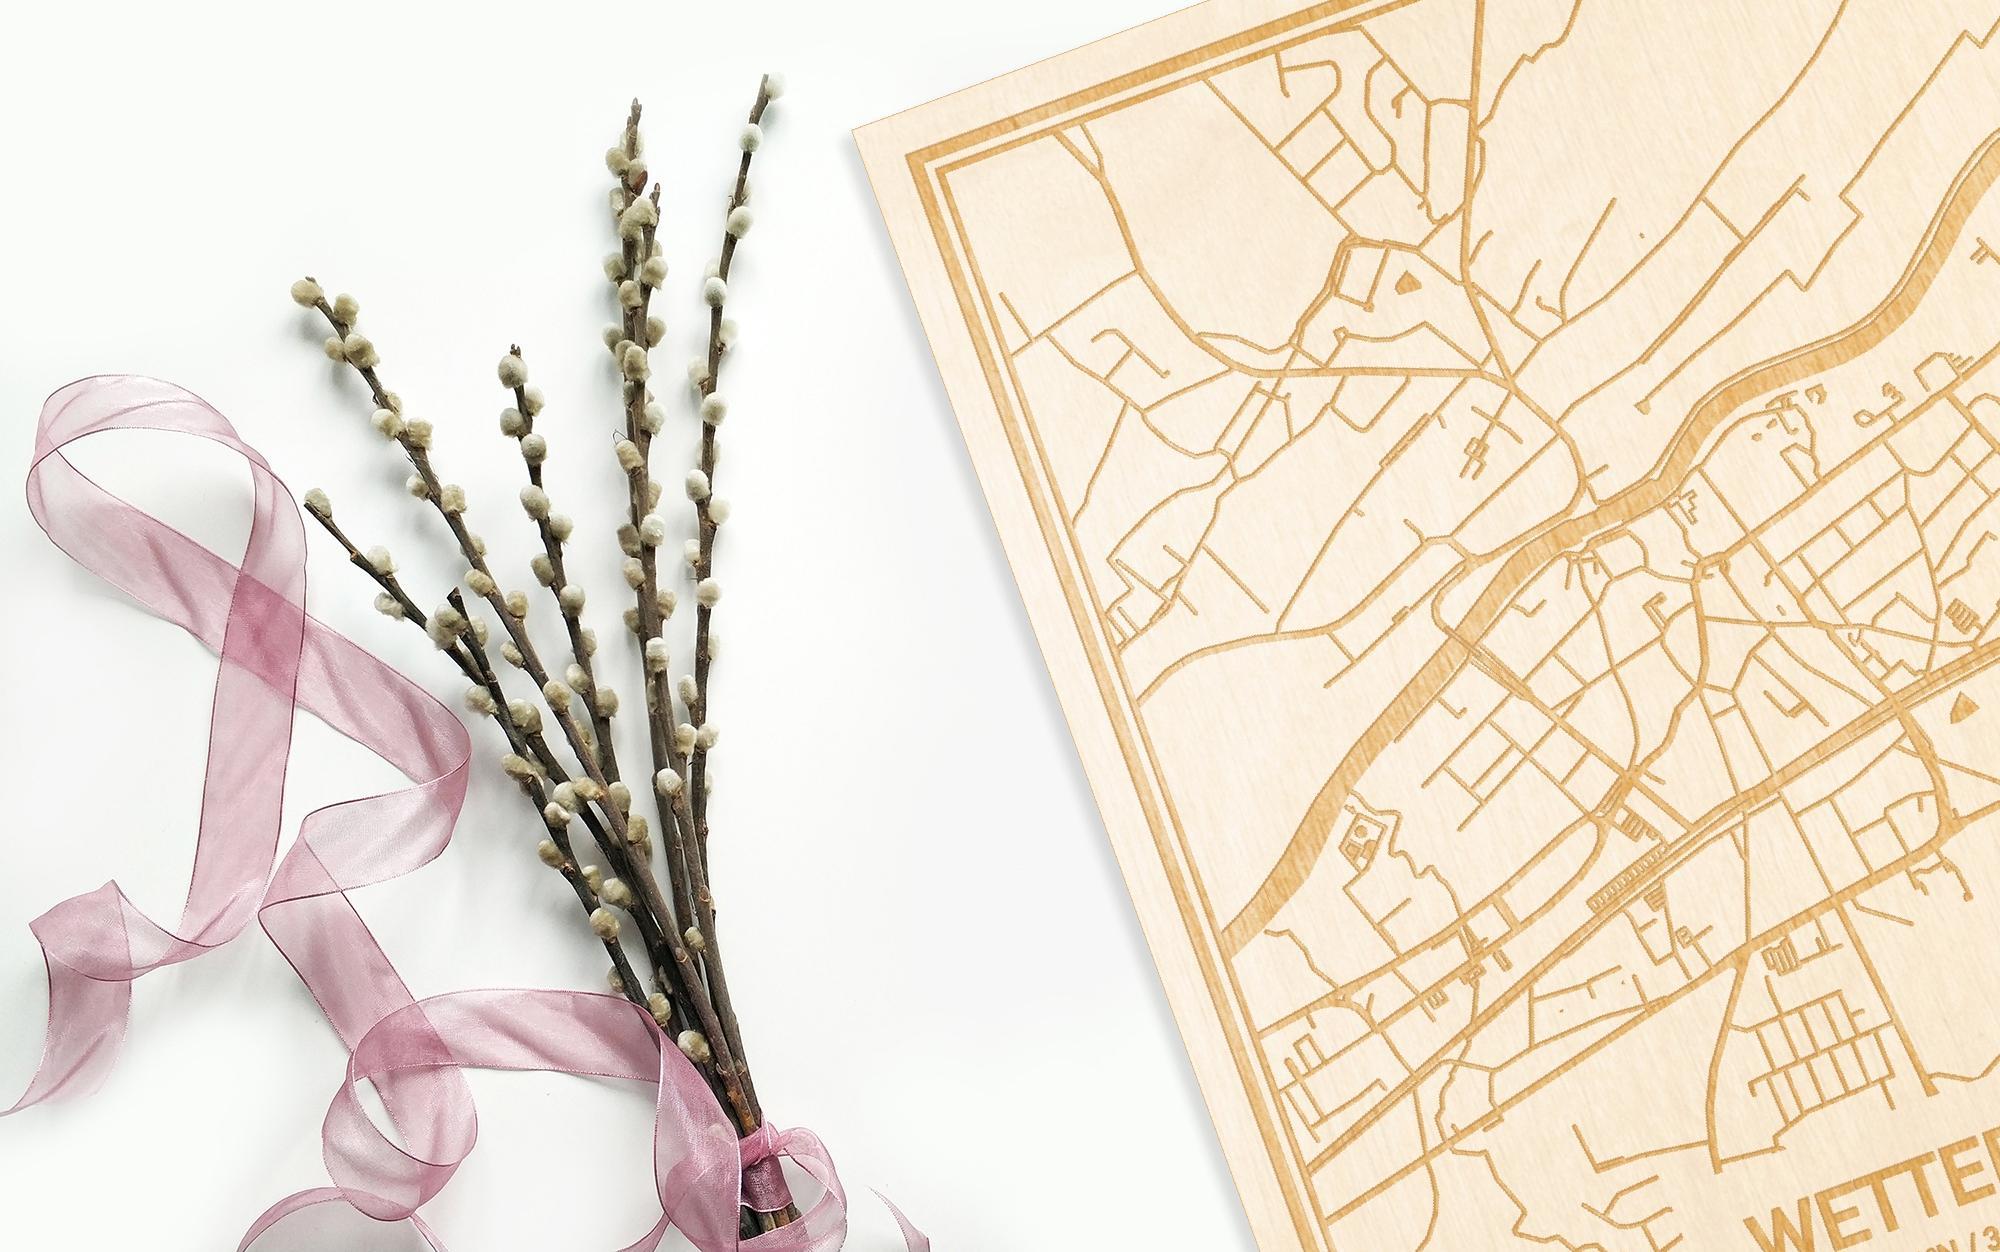 Hier ligt de houten plattegrond Wetteren naast een bloemetje als gepersonaliseerd cadeau voor haar.